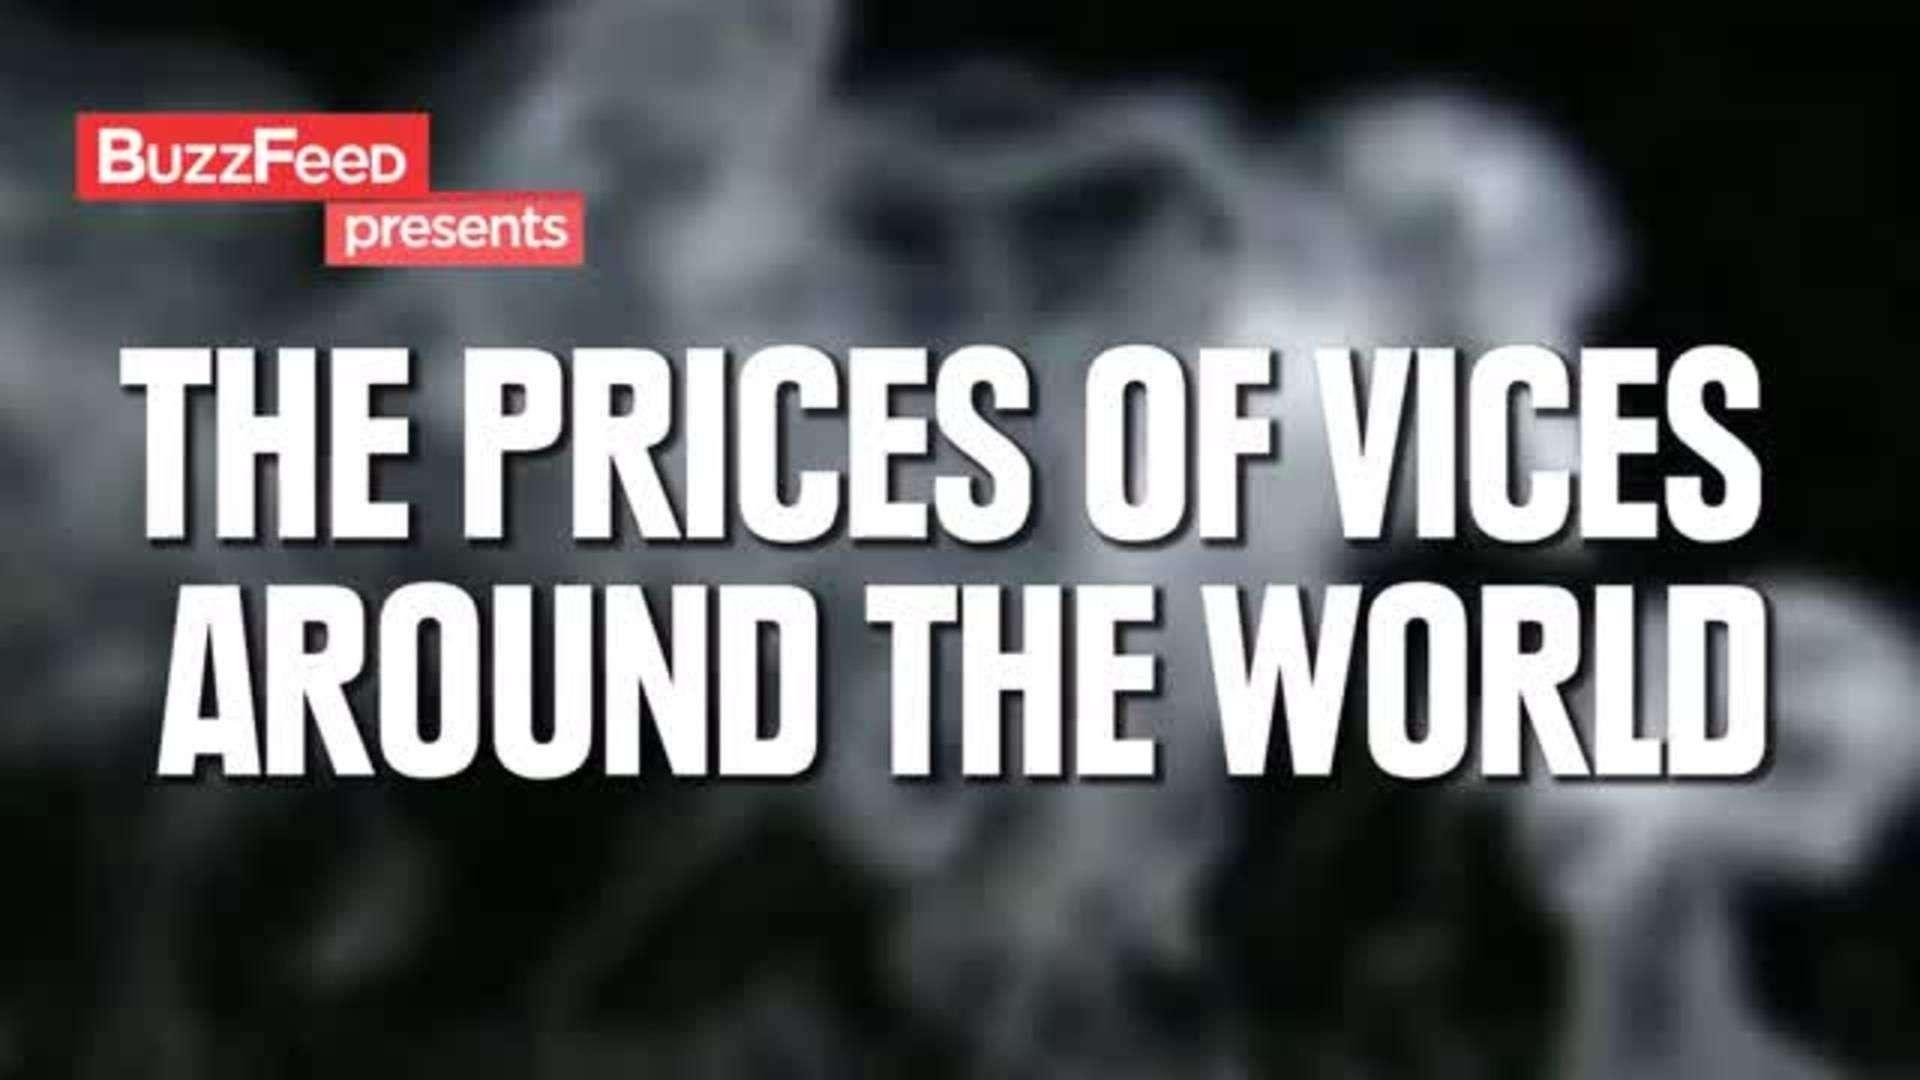 Lo que cuestan los vicios alrededor del mundo